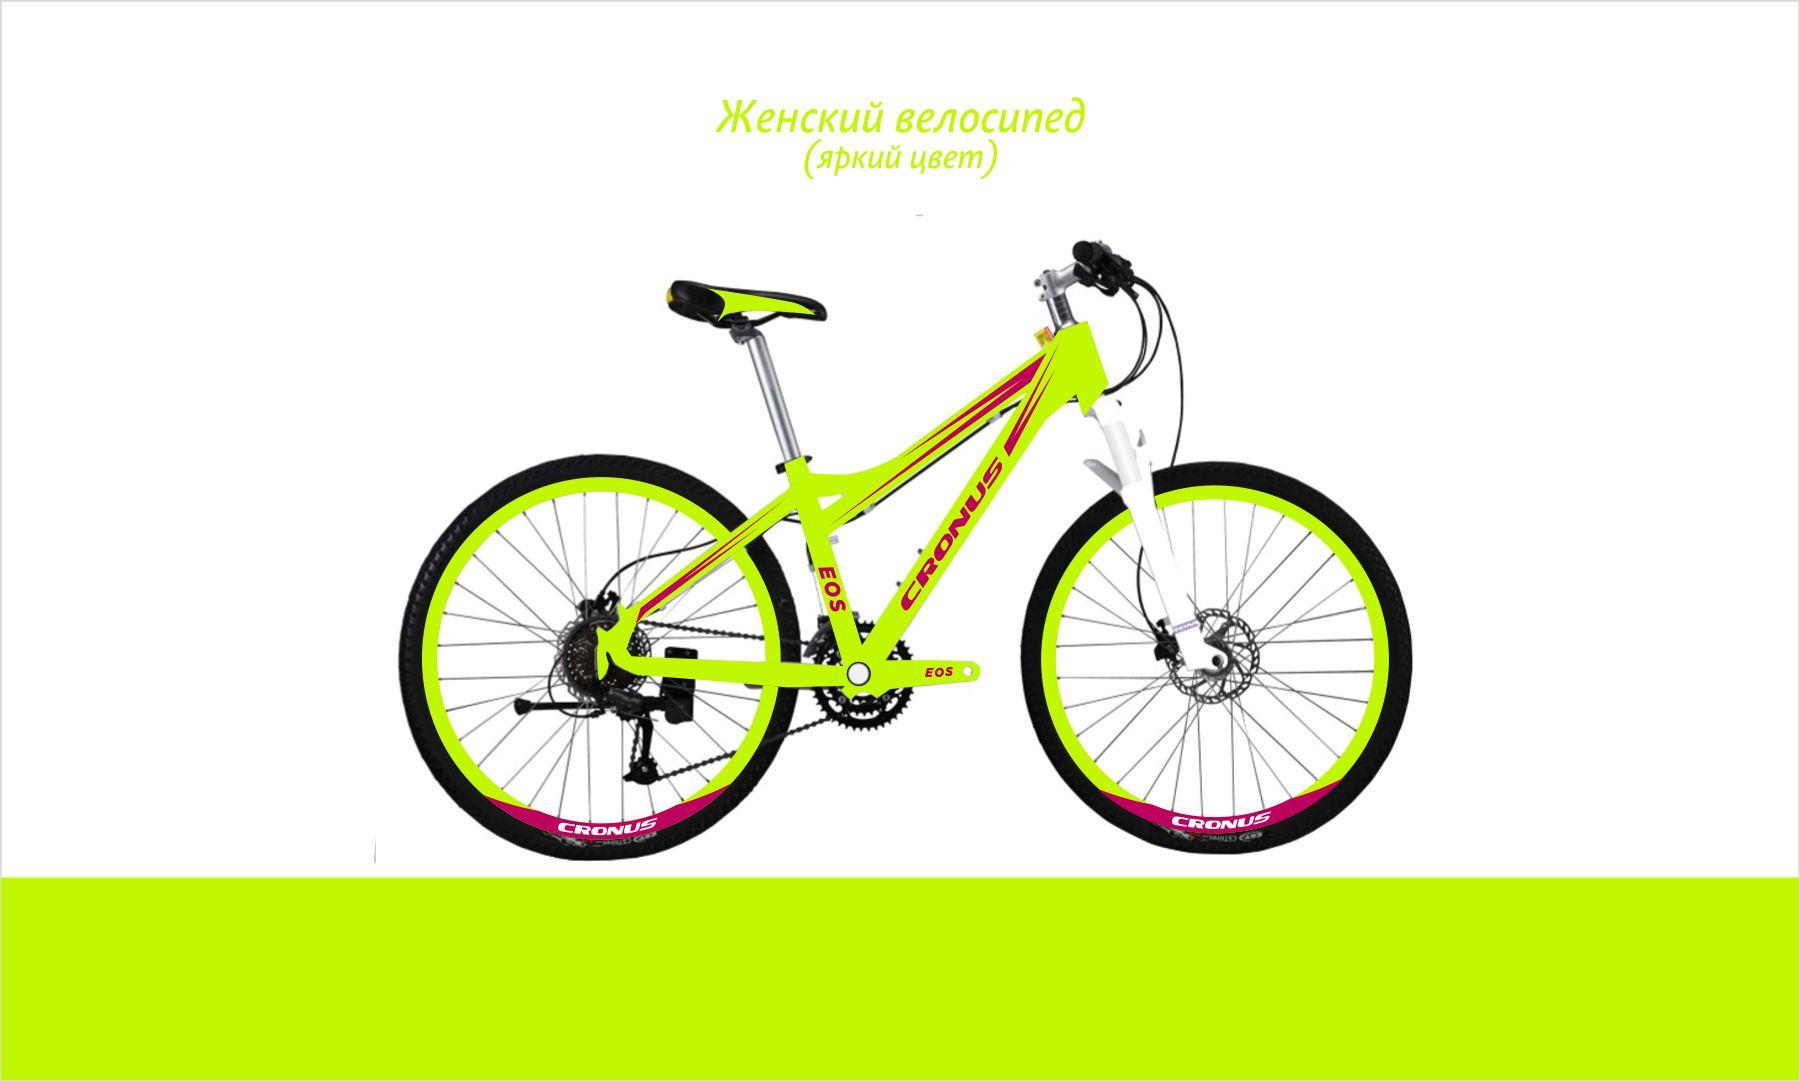 Дизайн для коллекции велосипедов Cronus - дизайнер supersonic